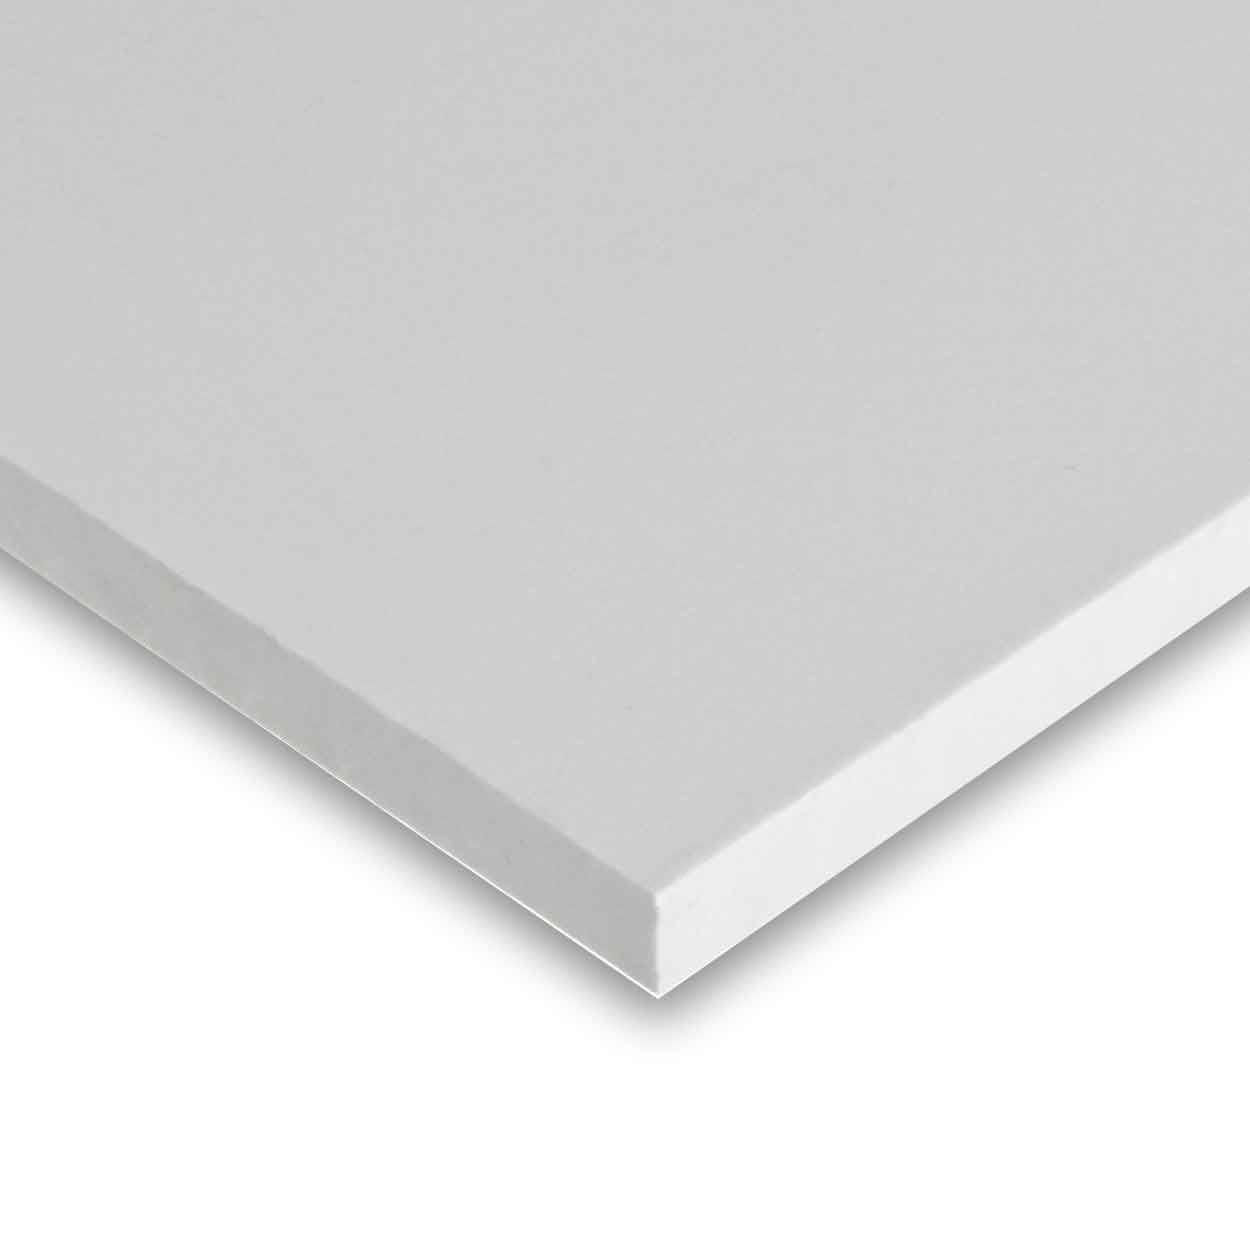 Pvc Expanded Plastic Sheet 1 8 Quot 118 X 24 Quot X 48 Quot White